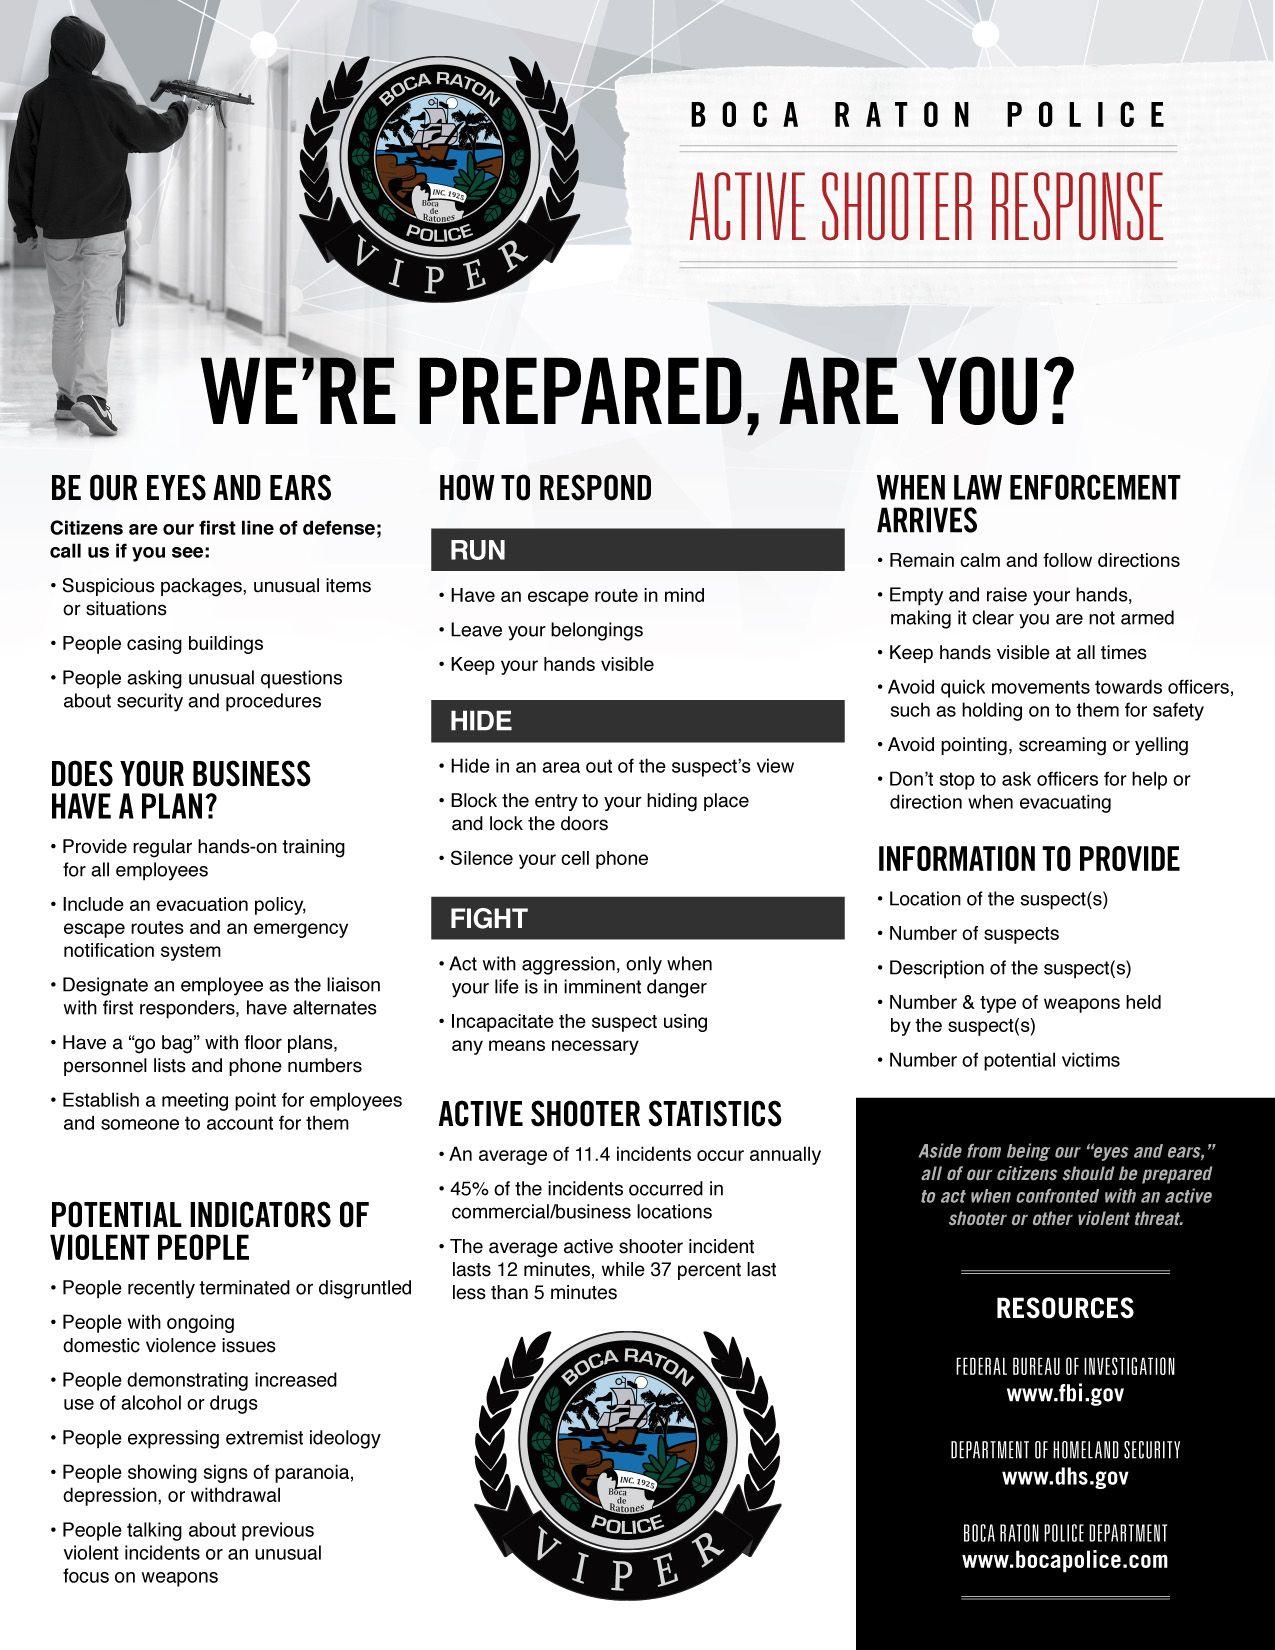 Boca raton police active shooter education run hide shoot